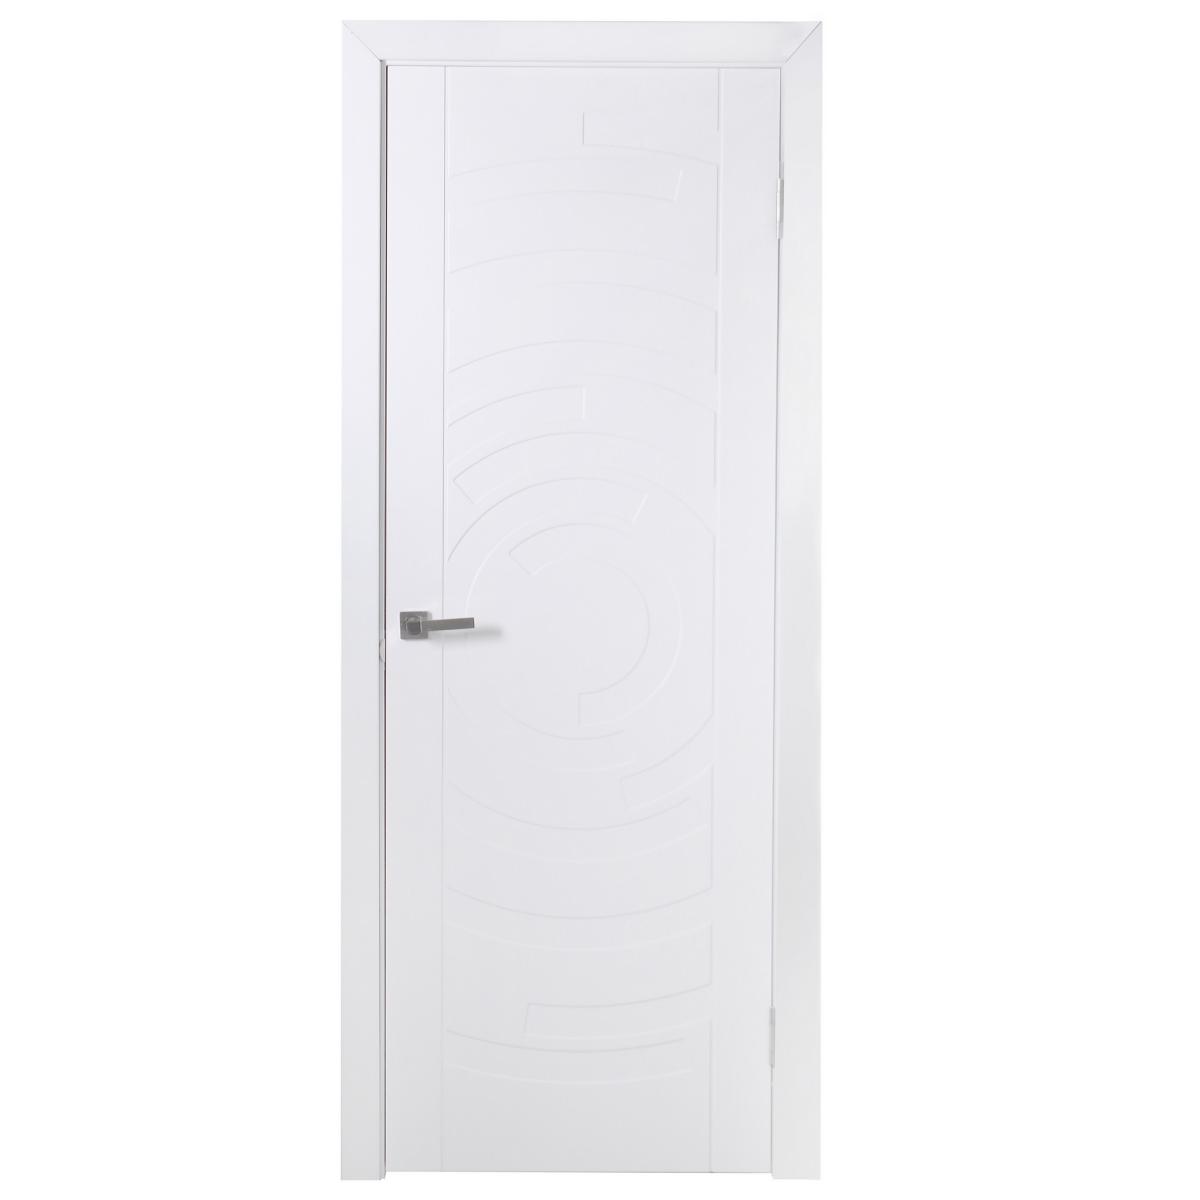 Дверь межкомнатная глухая Галактика 90x200 см цвет белый